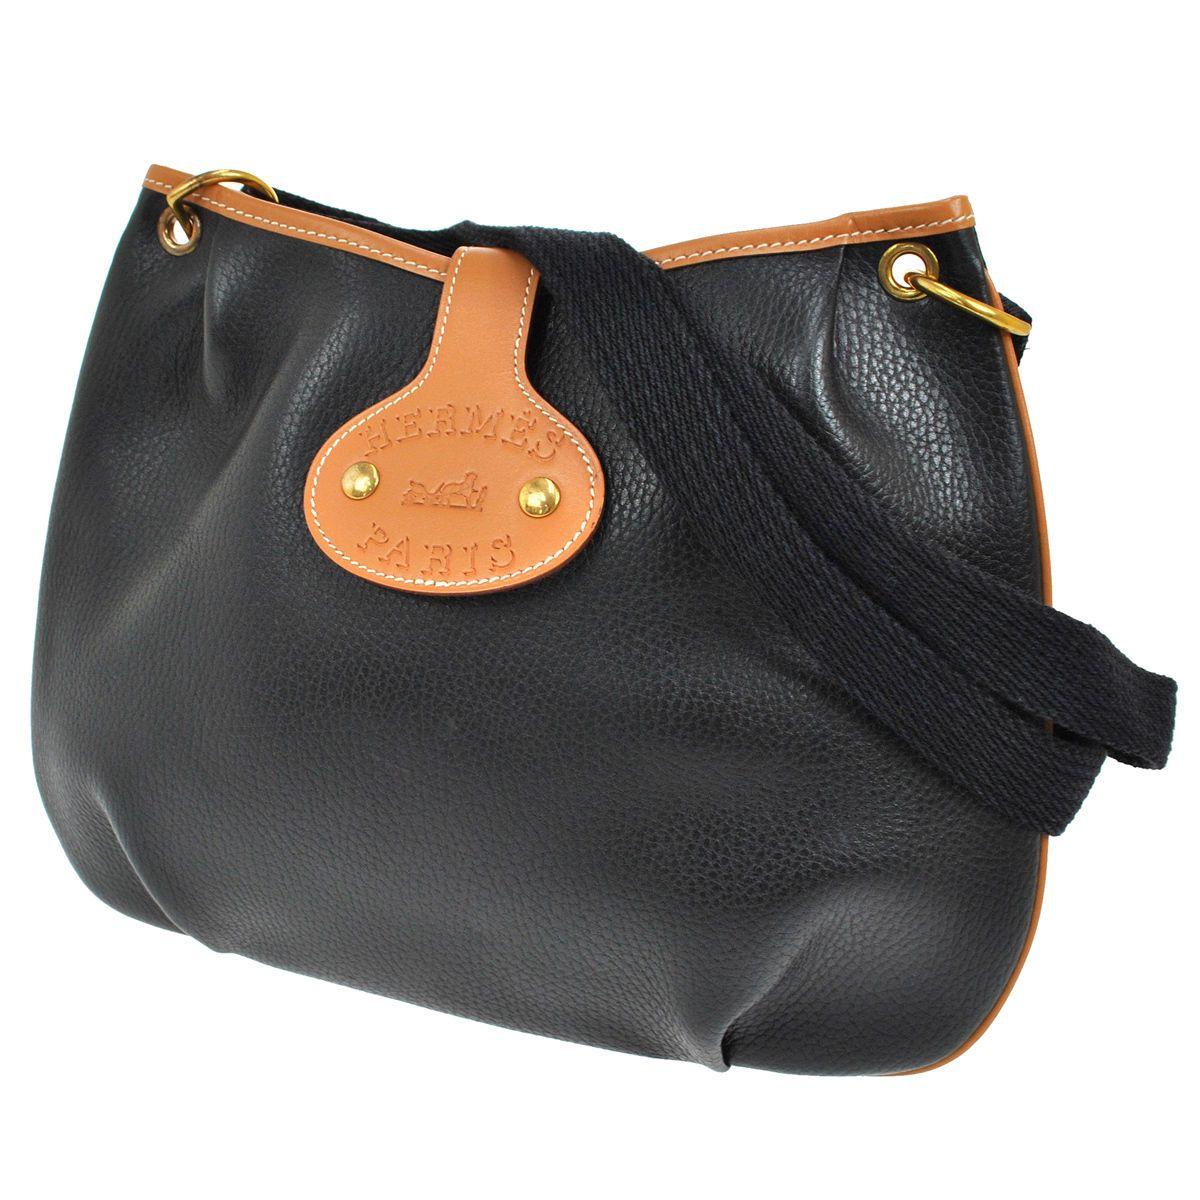 8928a49e777d Authentic Hermes Rodeo Cross Body Shoulder Bag Black Ardennes France Vtg  RK09671